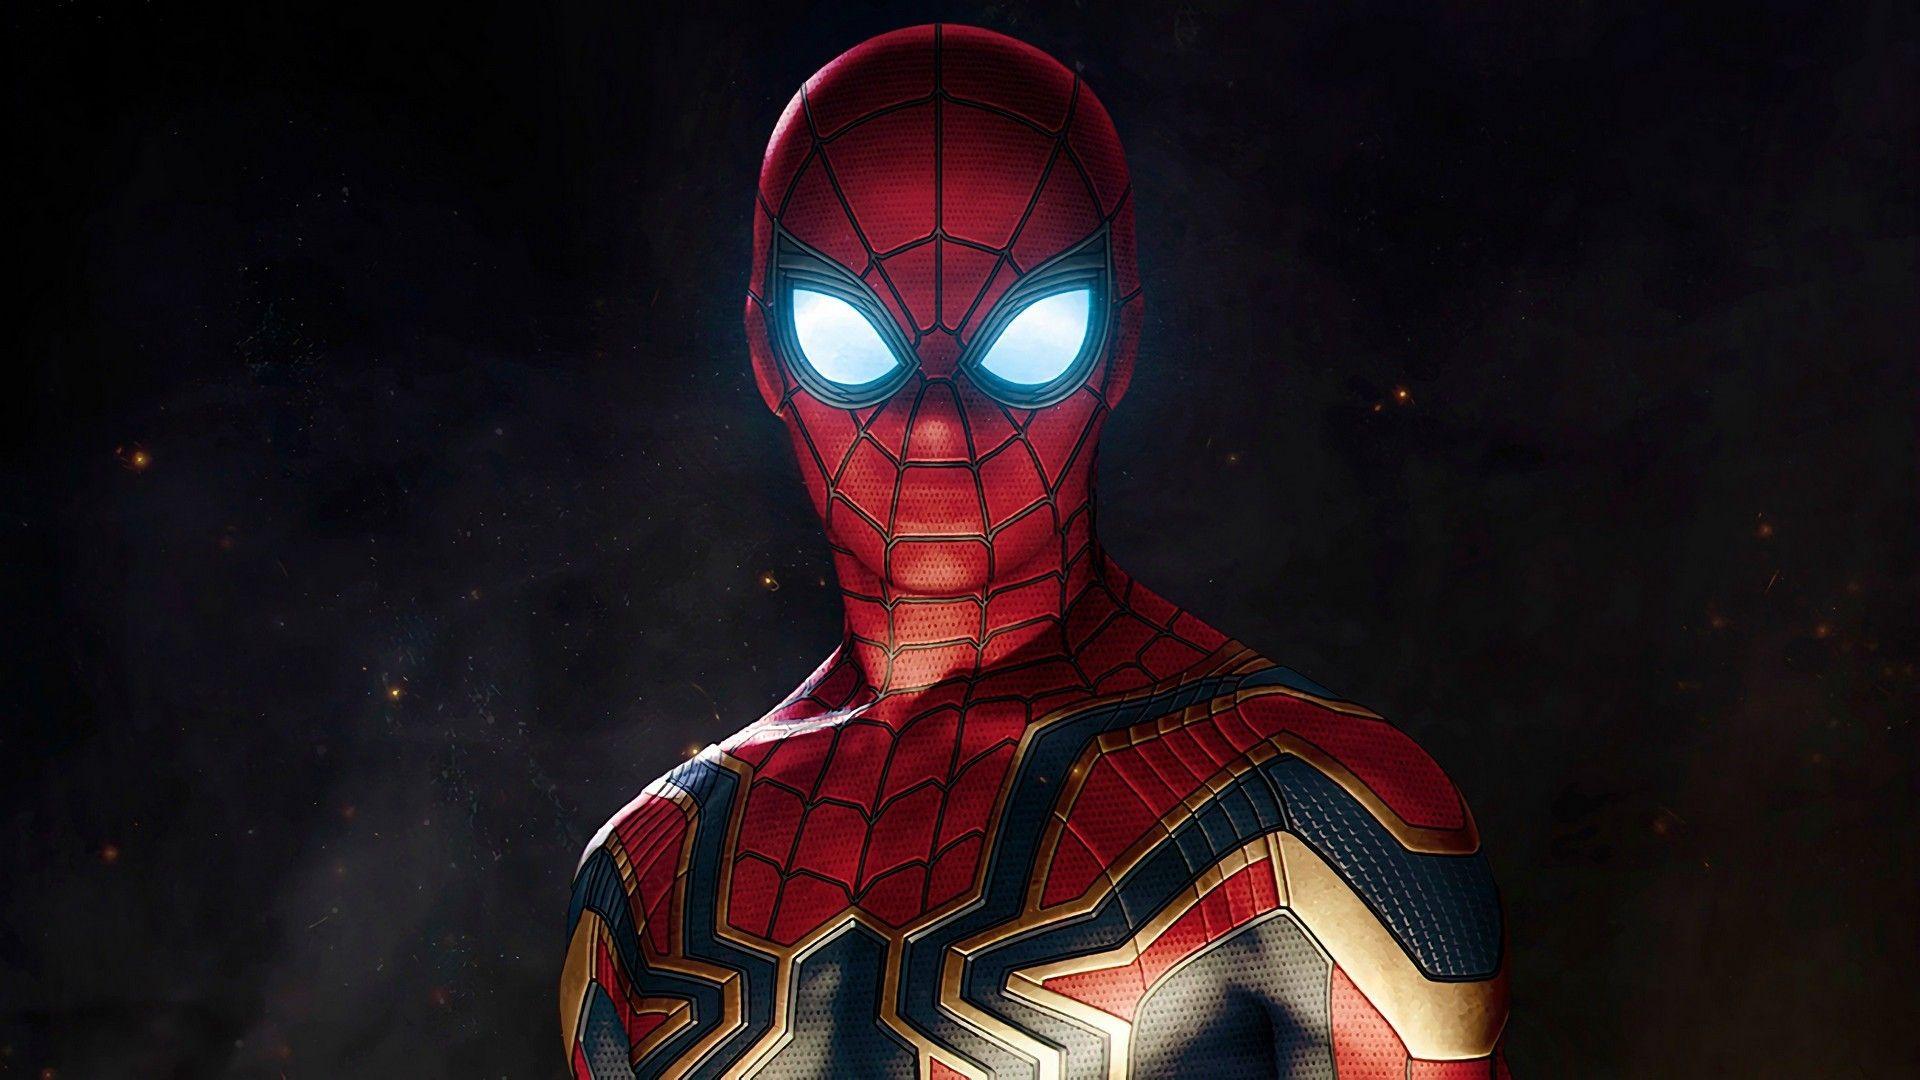 amazing spider man 2 4k